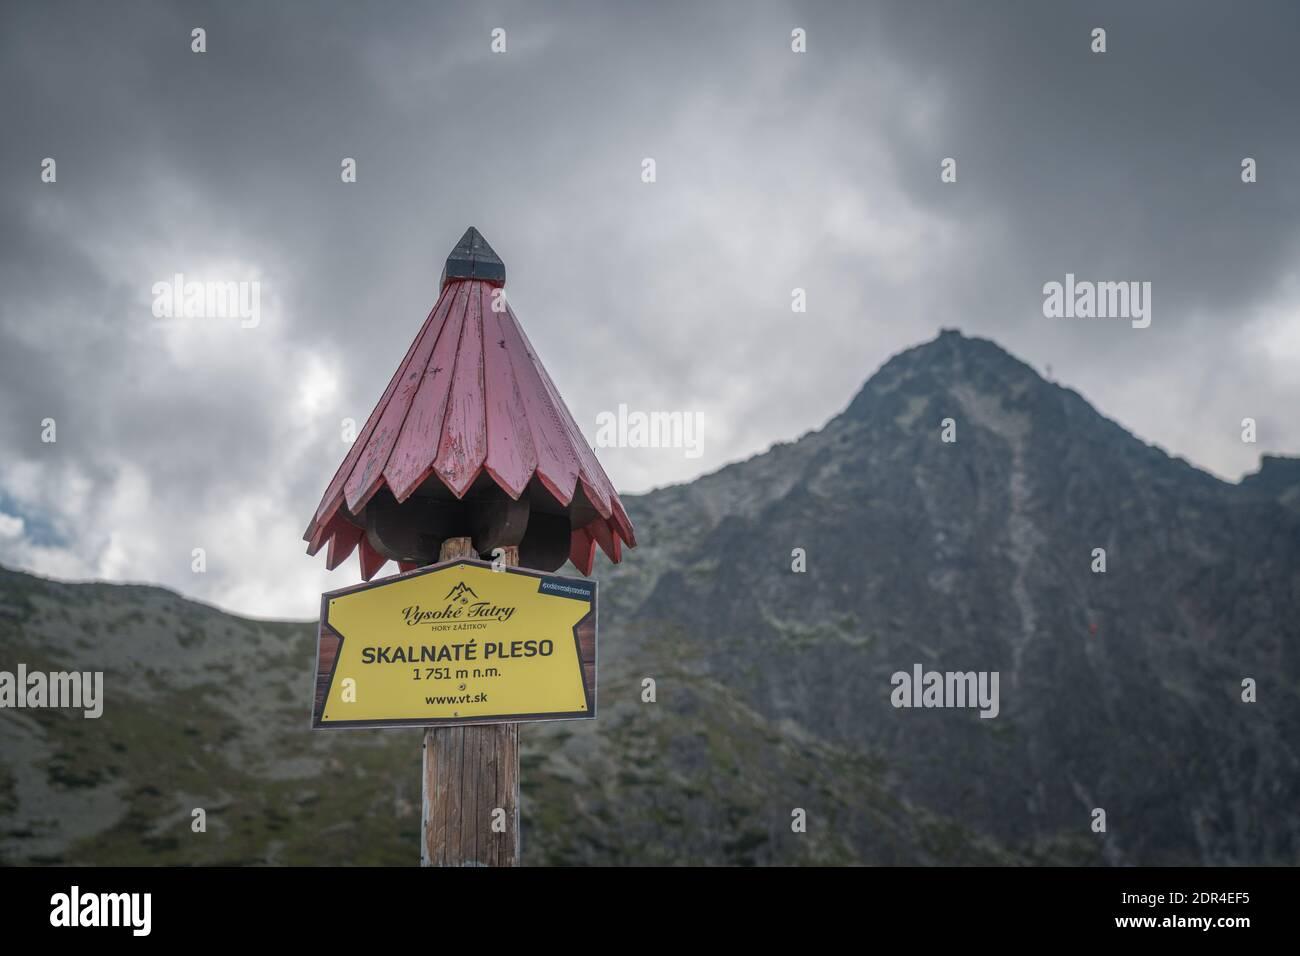 TATRANSKA LOMNICA, SLOVACCHIA, 2020 AGOSTO - Skalnate pleso segno su palo di legno con tetto in Slovacchia. Si tratta di un lago situato nelle montagne degli alti Tatra Foto Stock